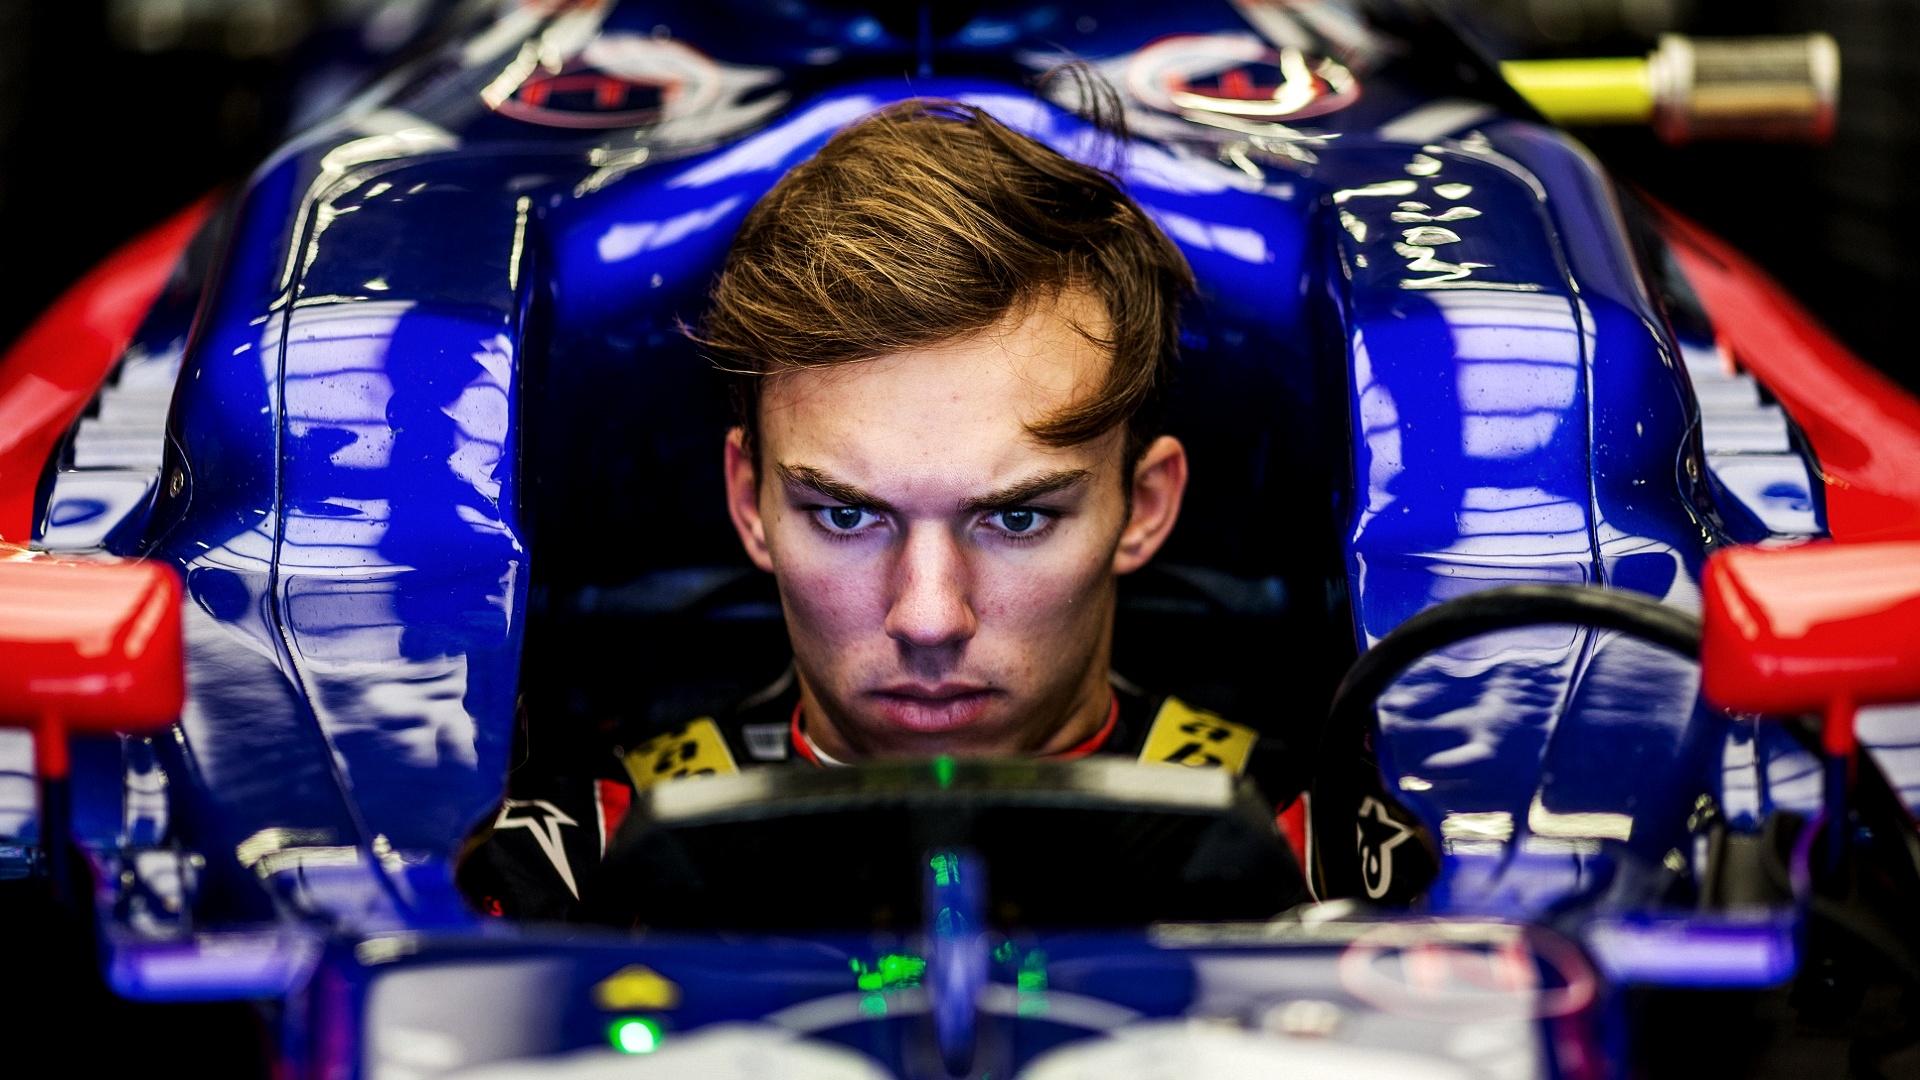 2021-03-22 2017 Gasly Toro Rosso Formula 1 F1